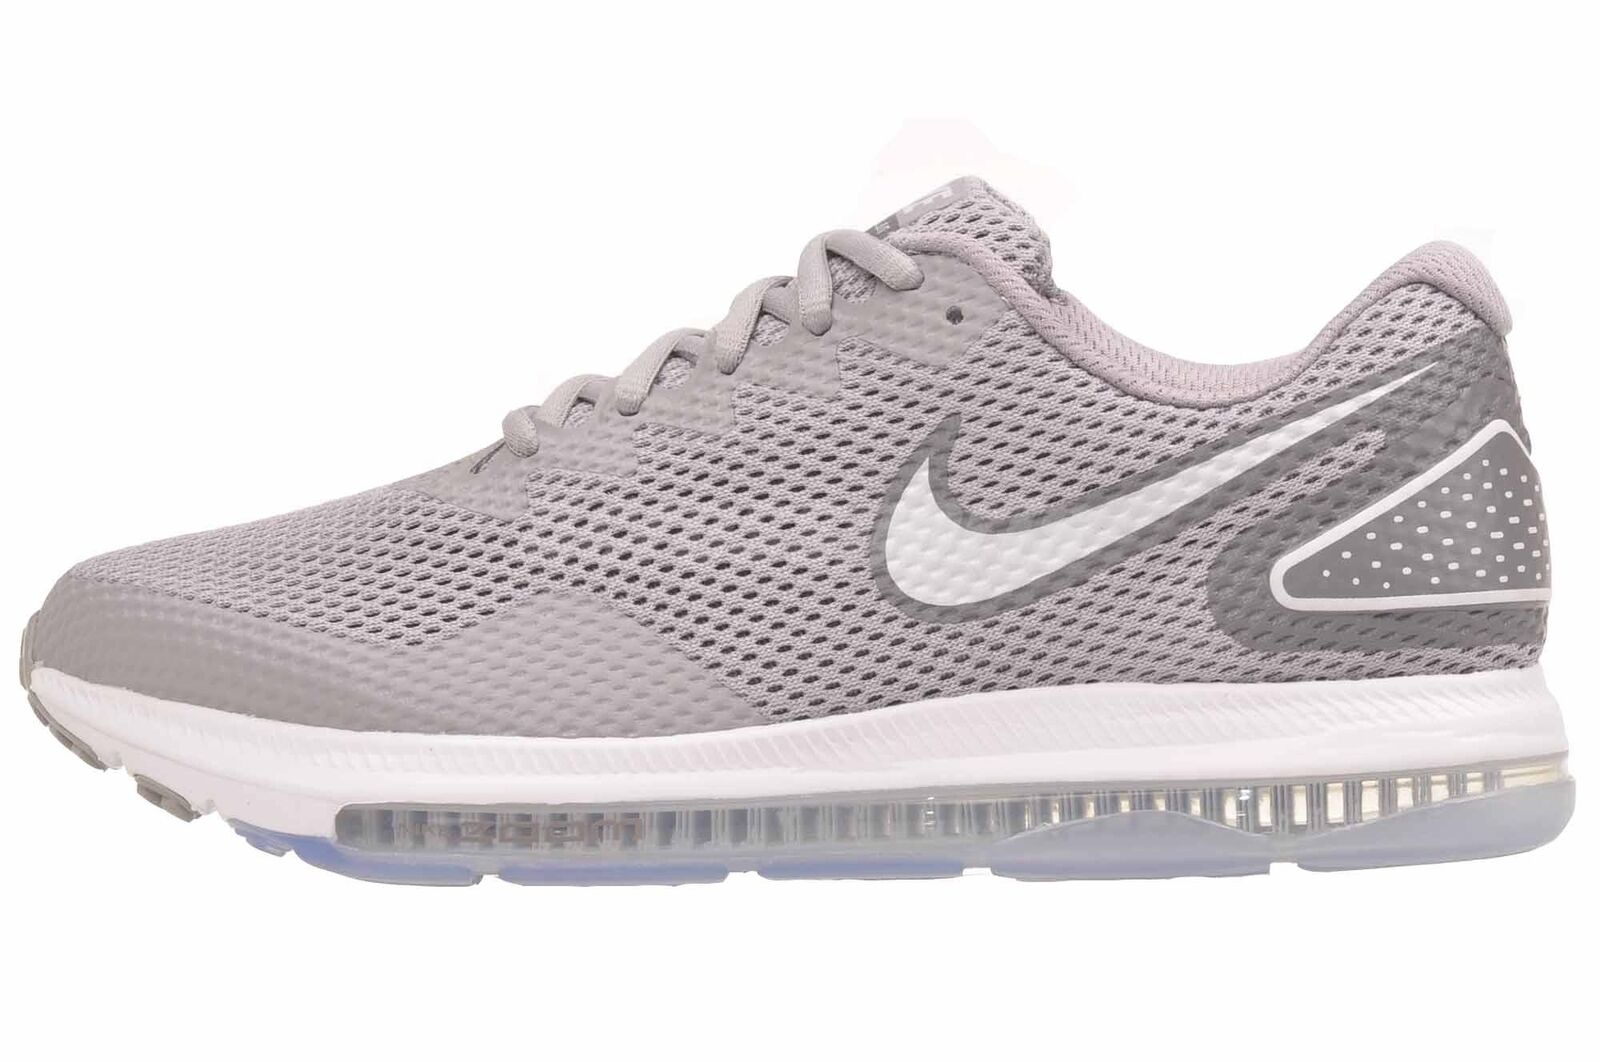 Nike Wmns Zoom todos bajo Correr 2 Correr bajo Mujer Zapatos gris AJ0036-007 4a95c0